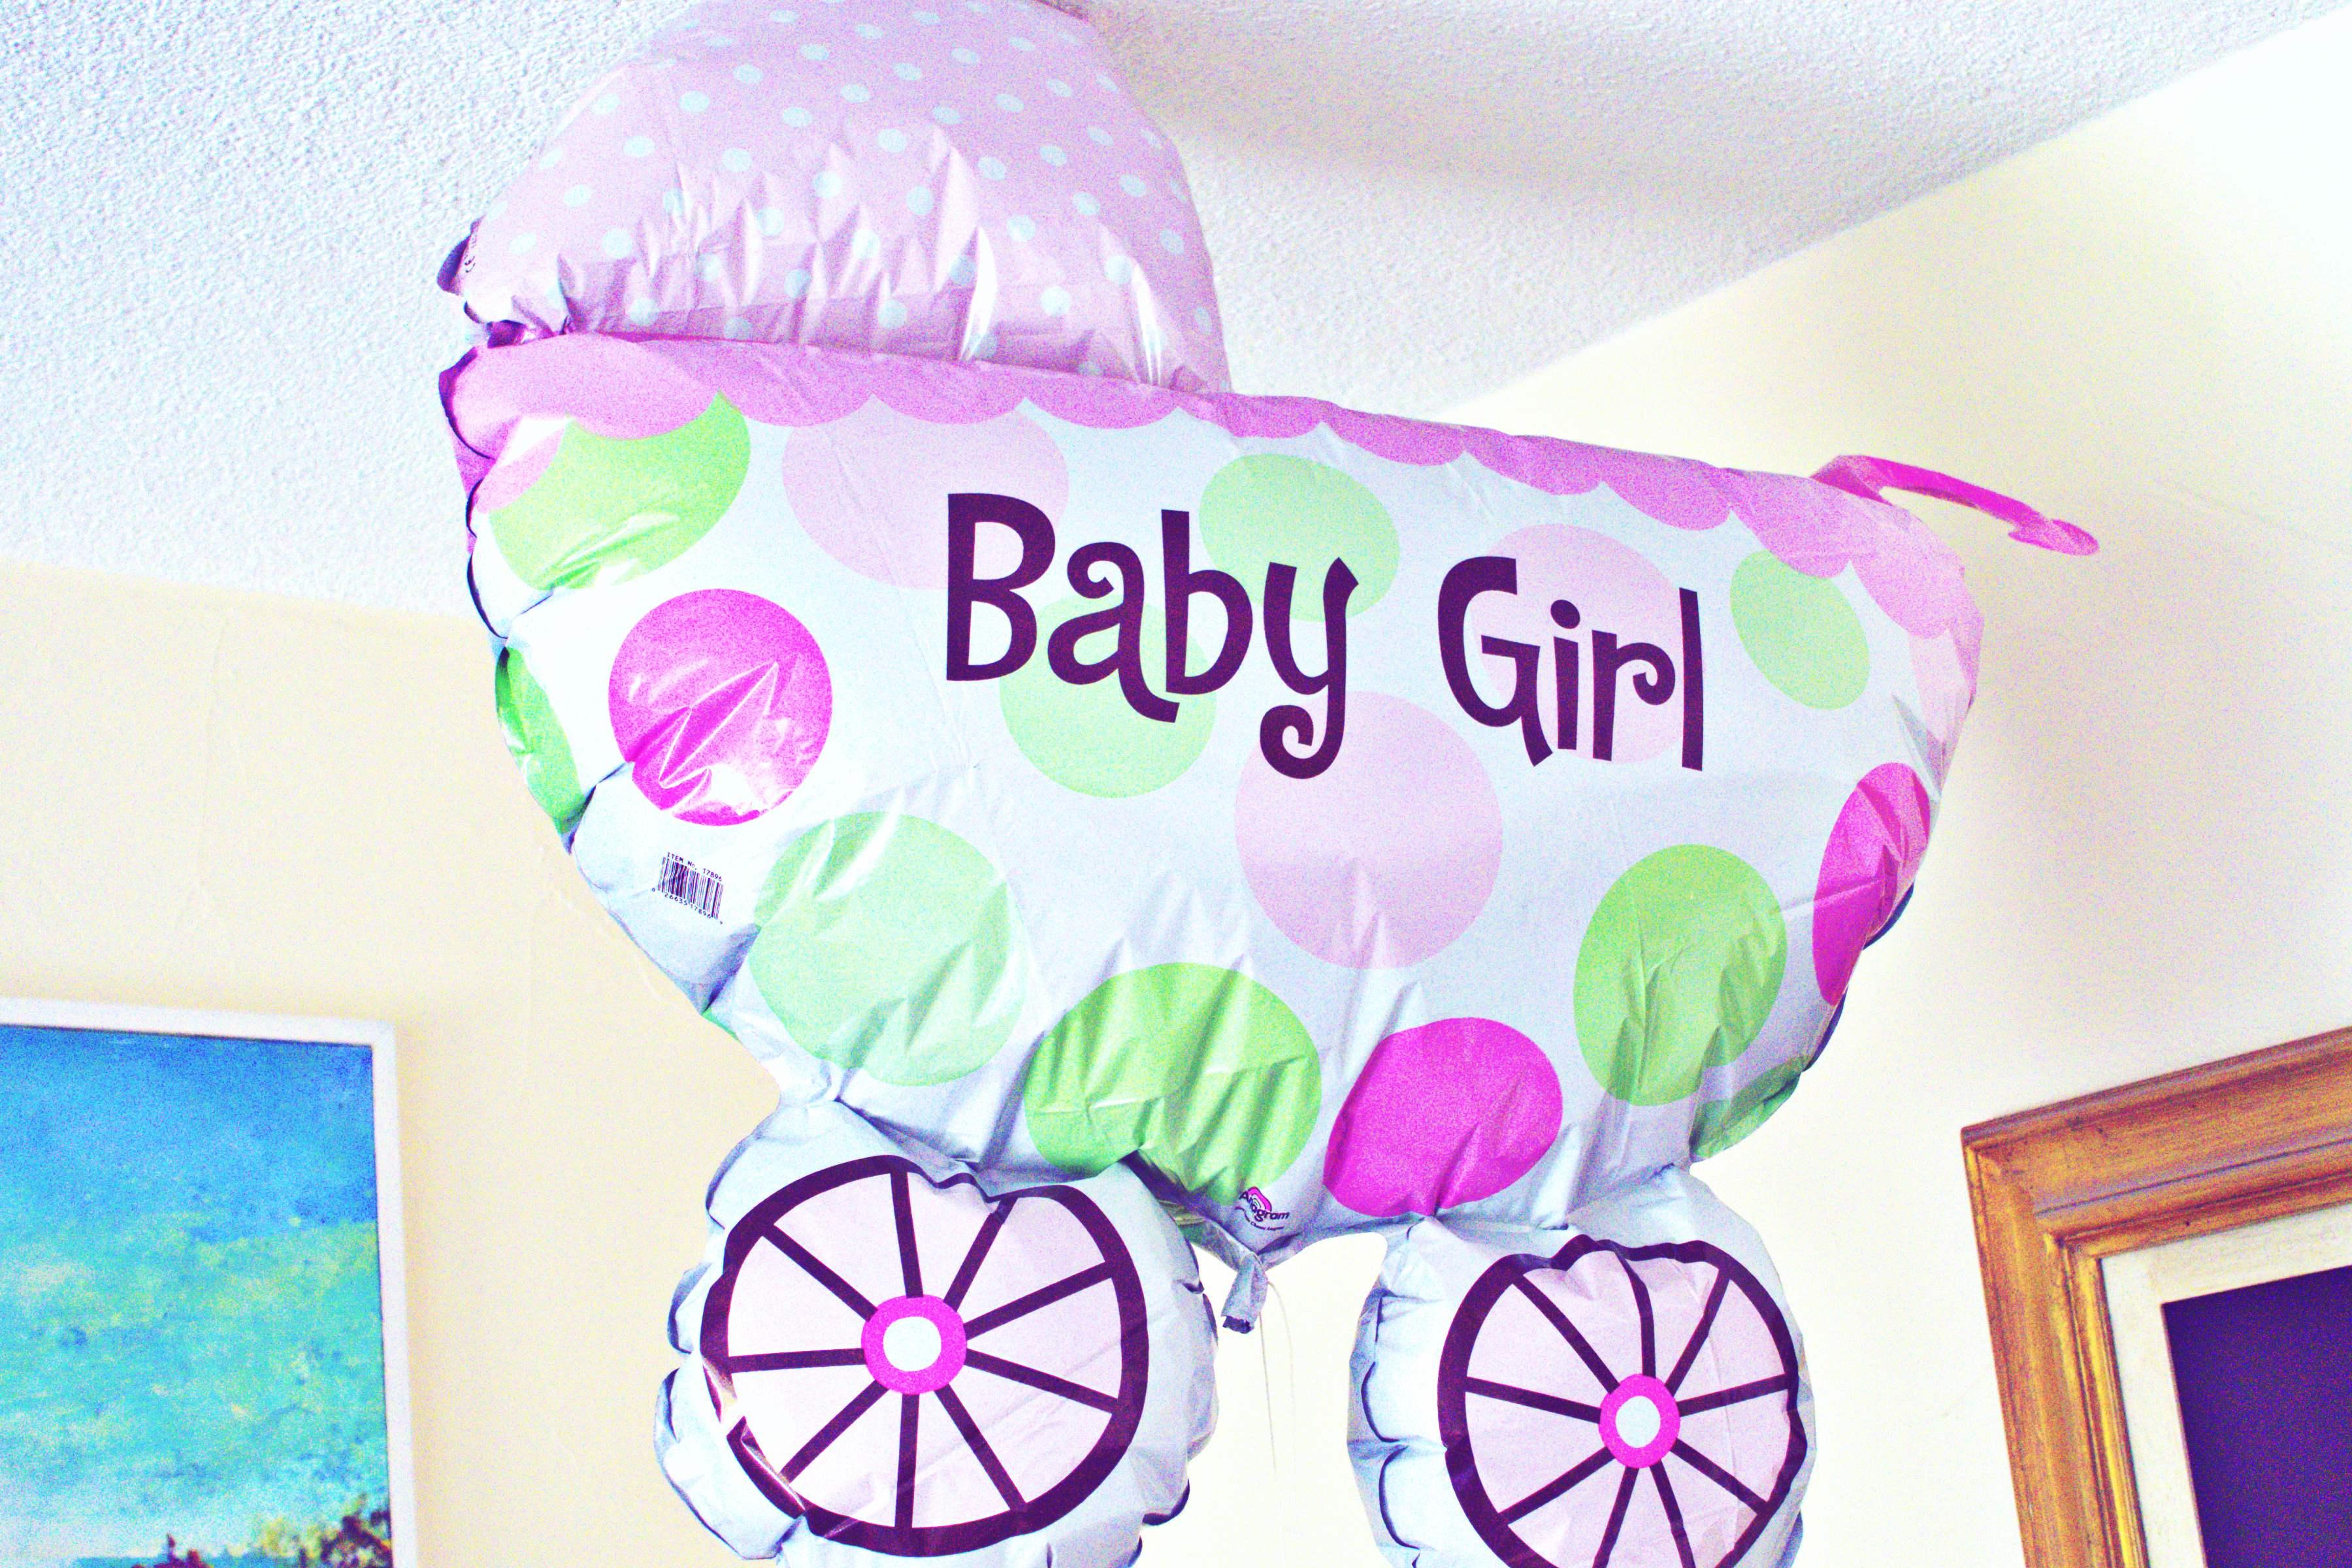 babyparty organisieren so geht s maikikii der lifestyle blog